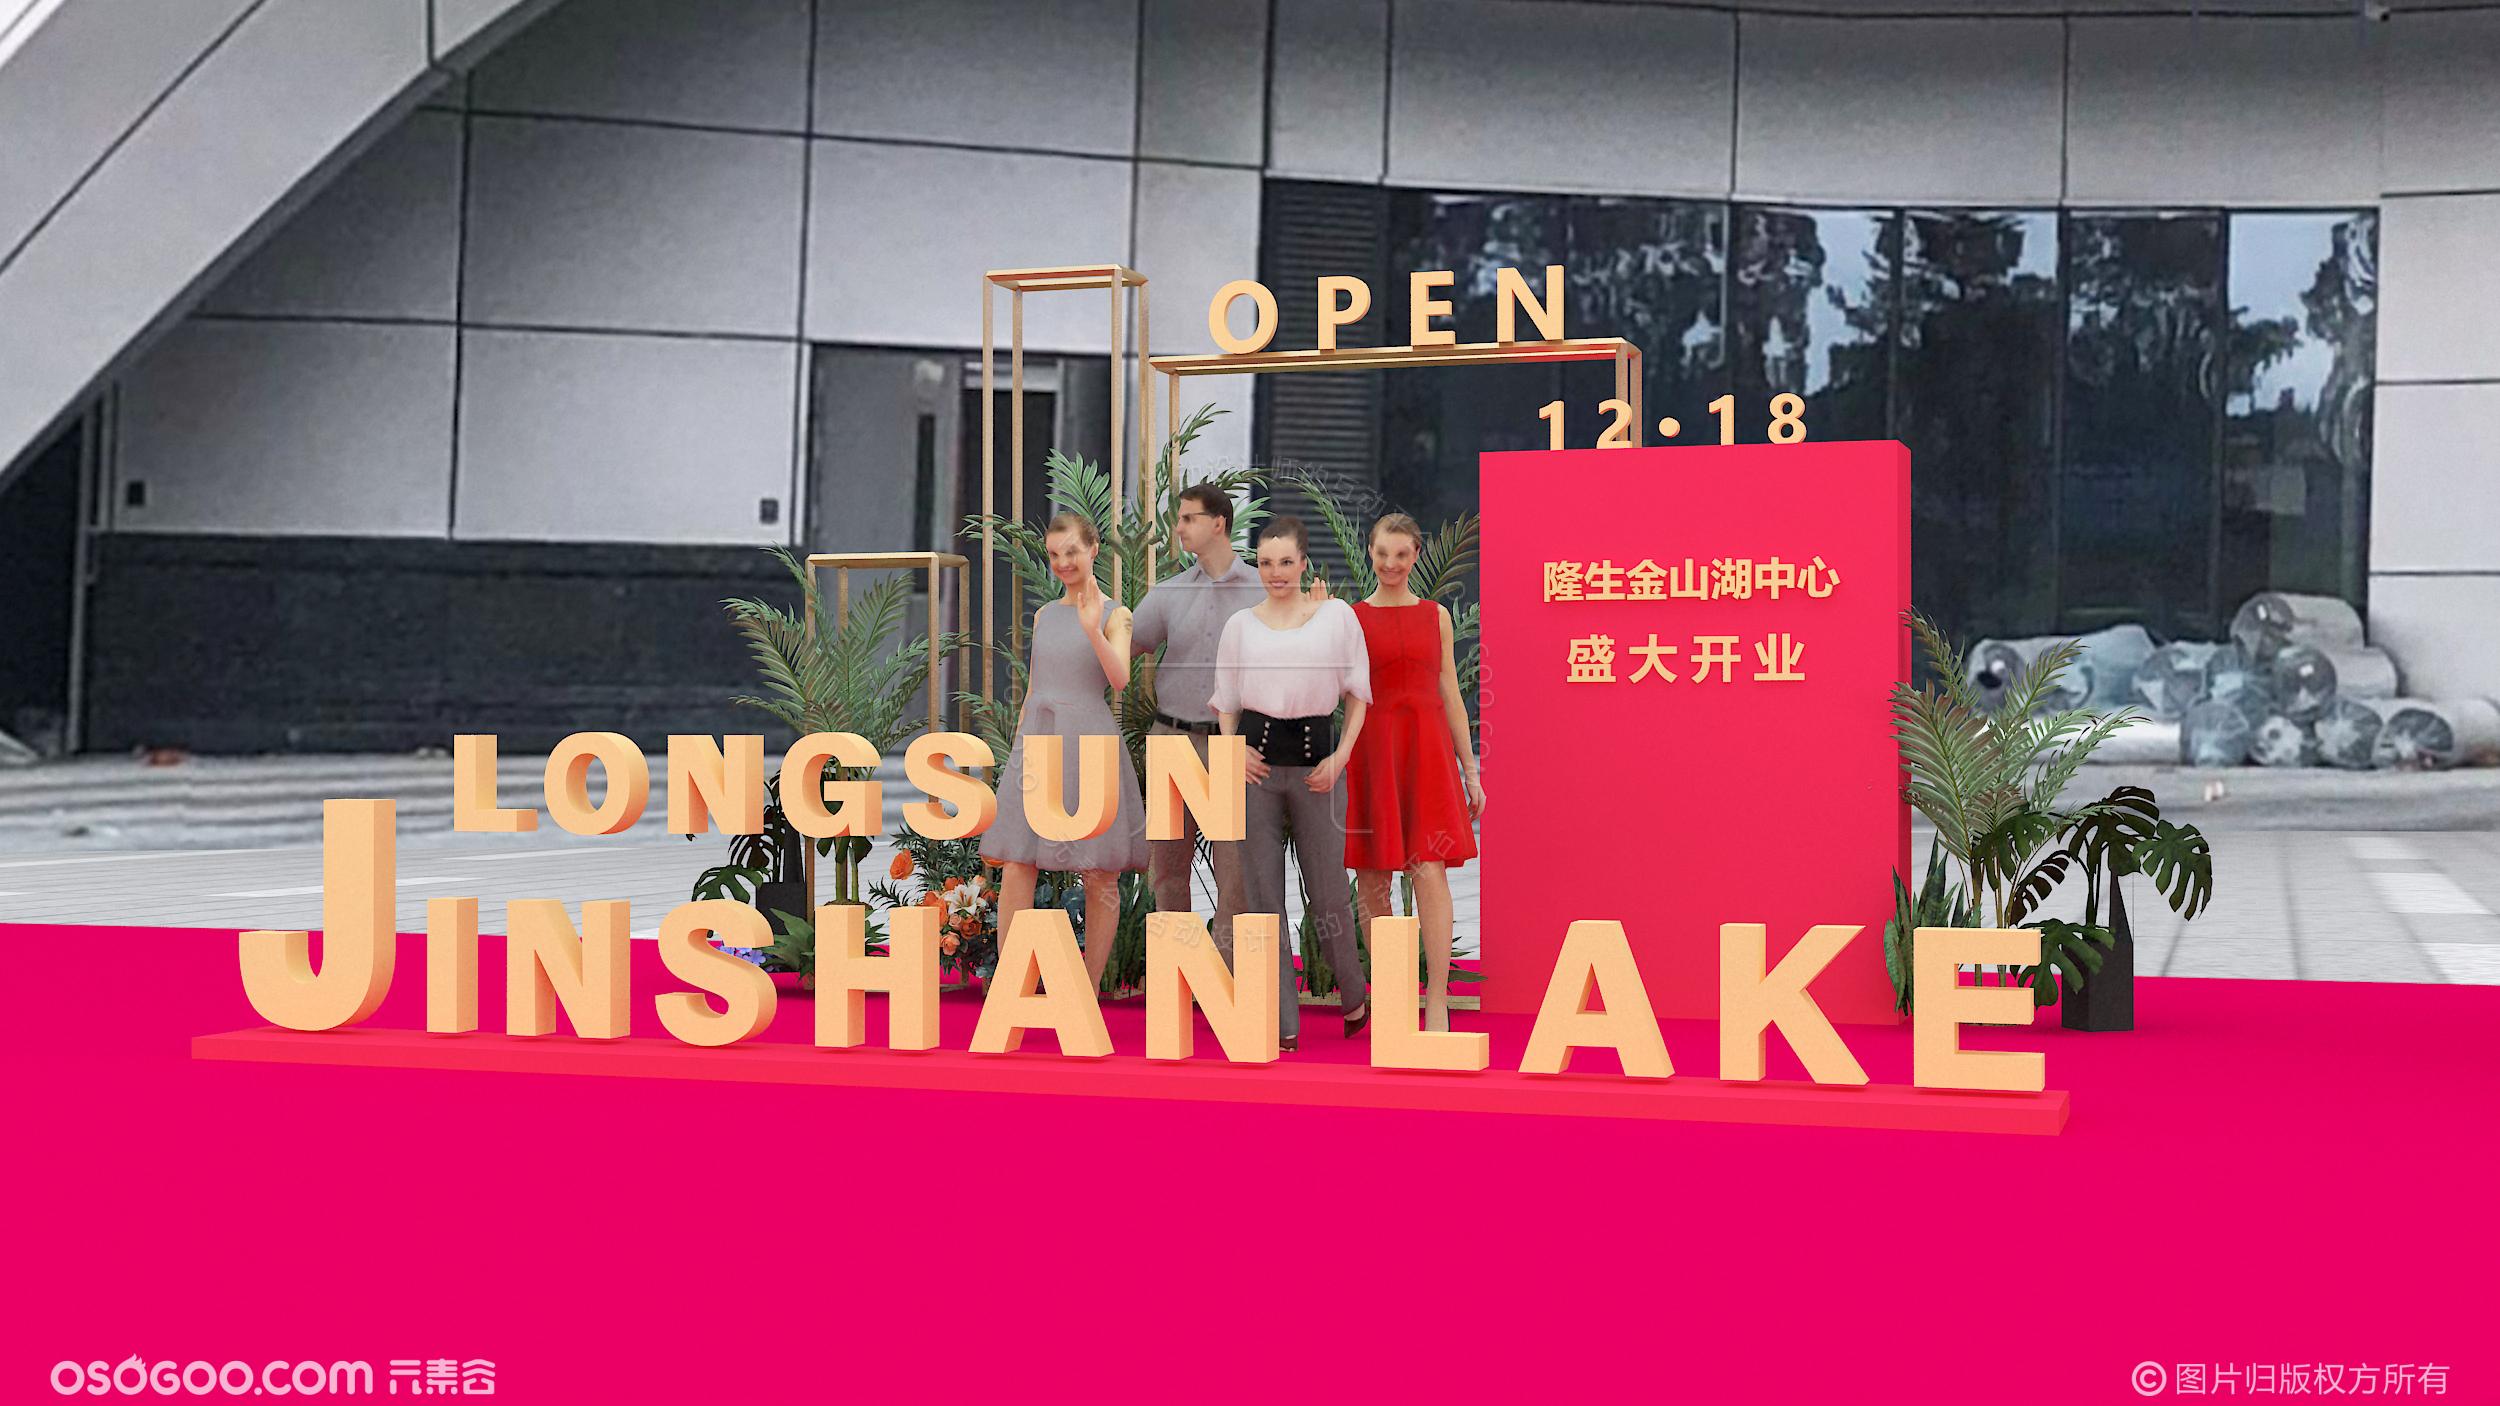 原创设计金山湖开业舞美设计